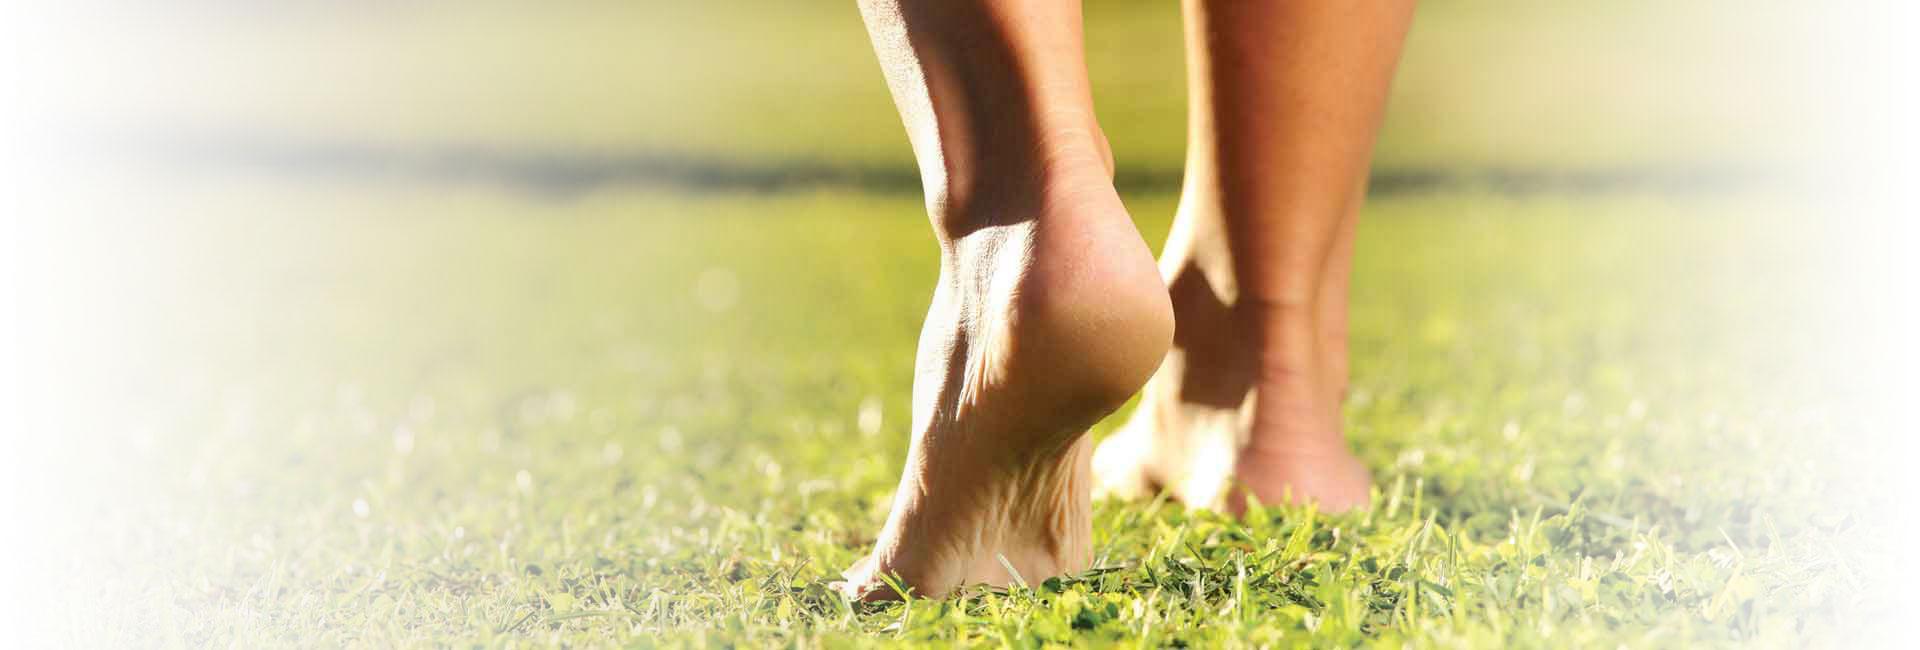 Удаление косточки на ноге в домашних условиях